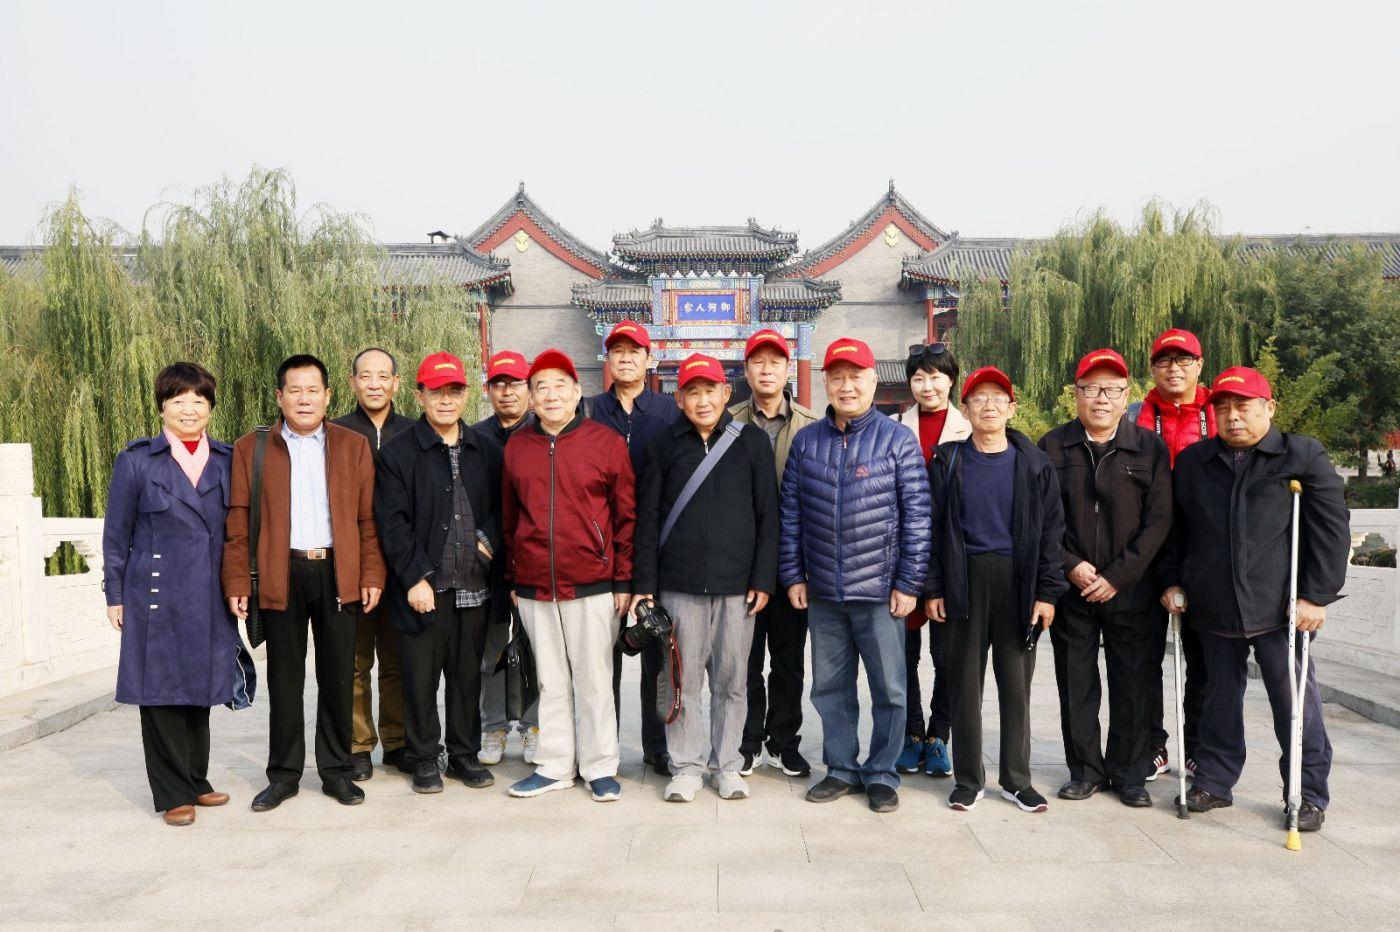 通州、武清两地文学组织结成友好共建单位_图1-3